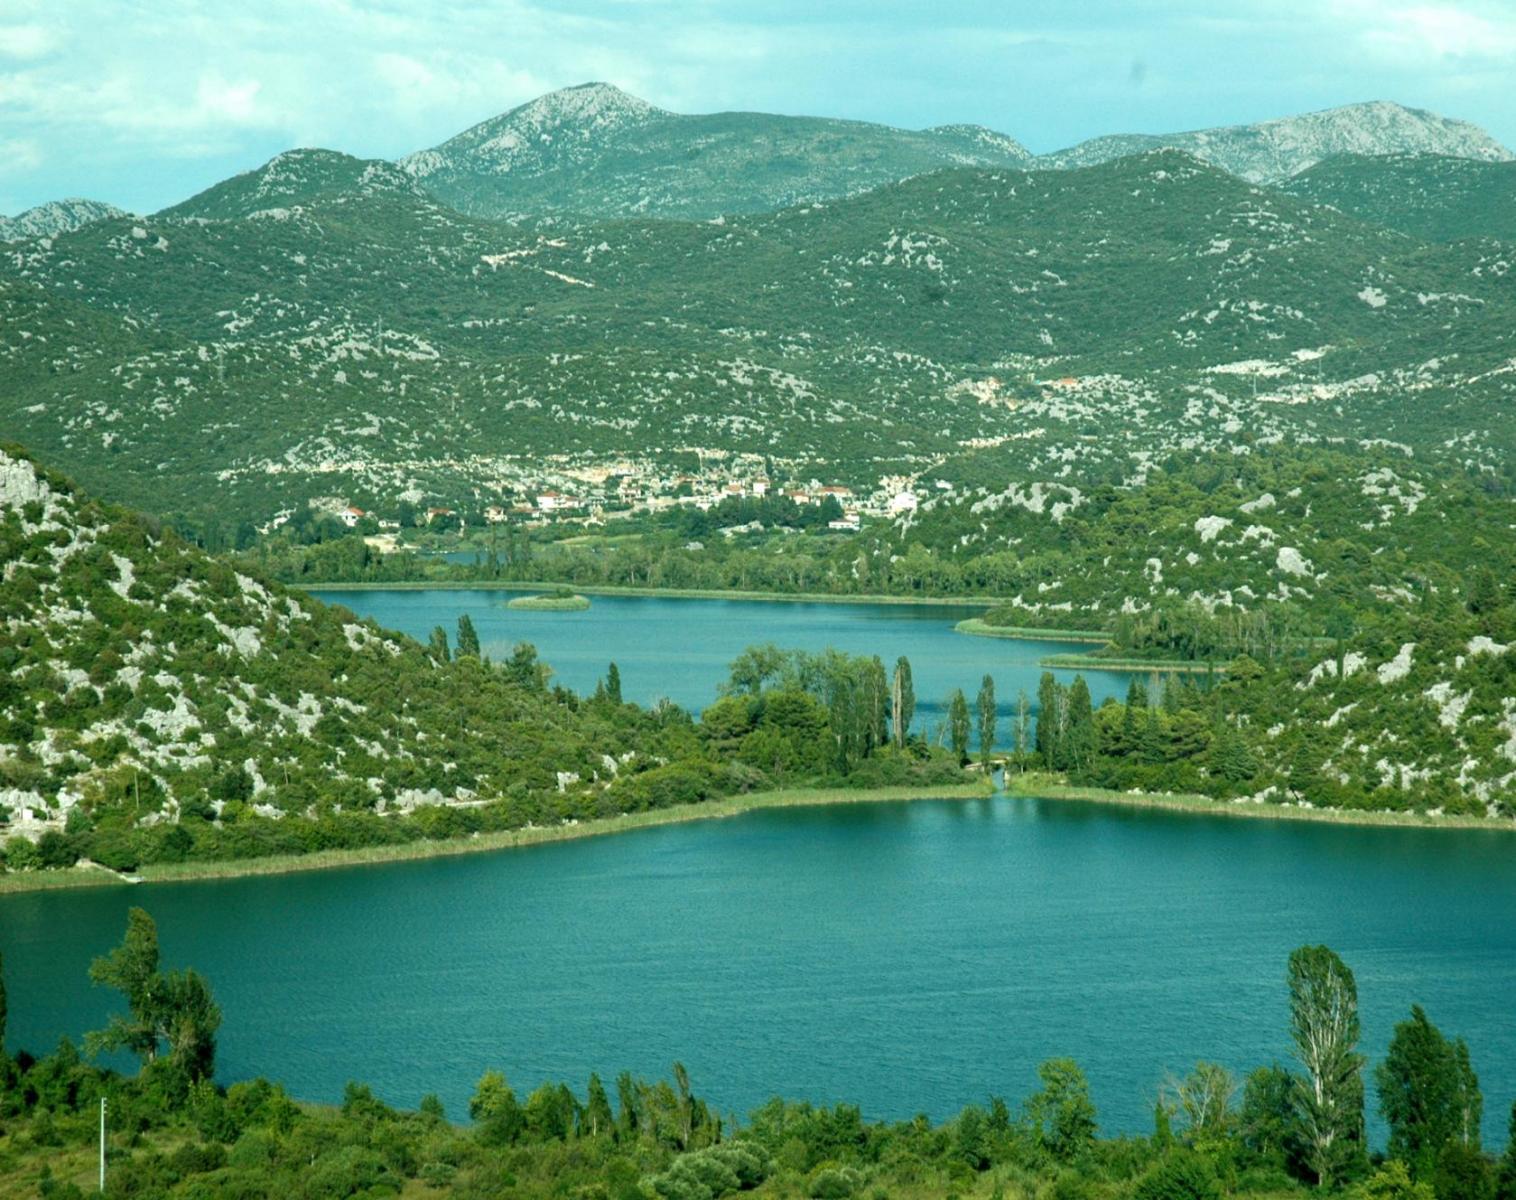 Croatie  LES JOIES DE L'ADRIATIQUE   Découverte & Balade Trek & Randonnée Kayak & canot Navigation Balade nature